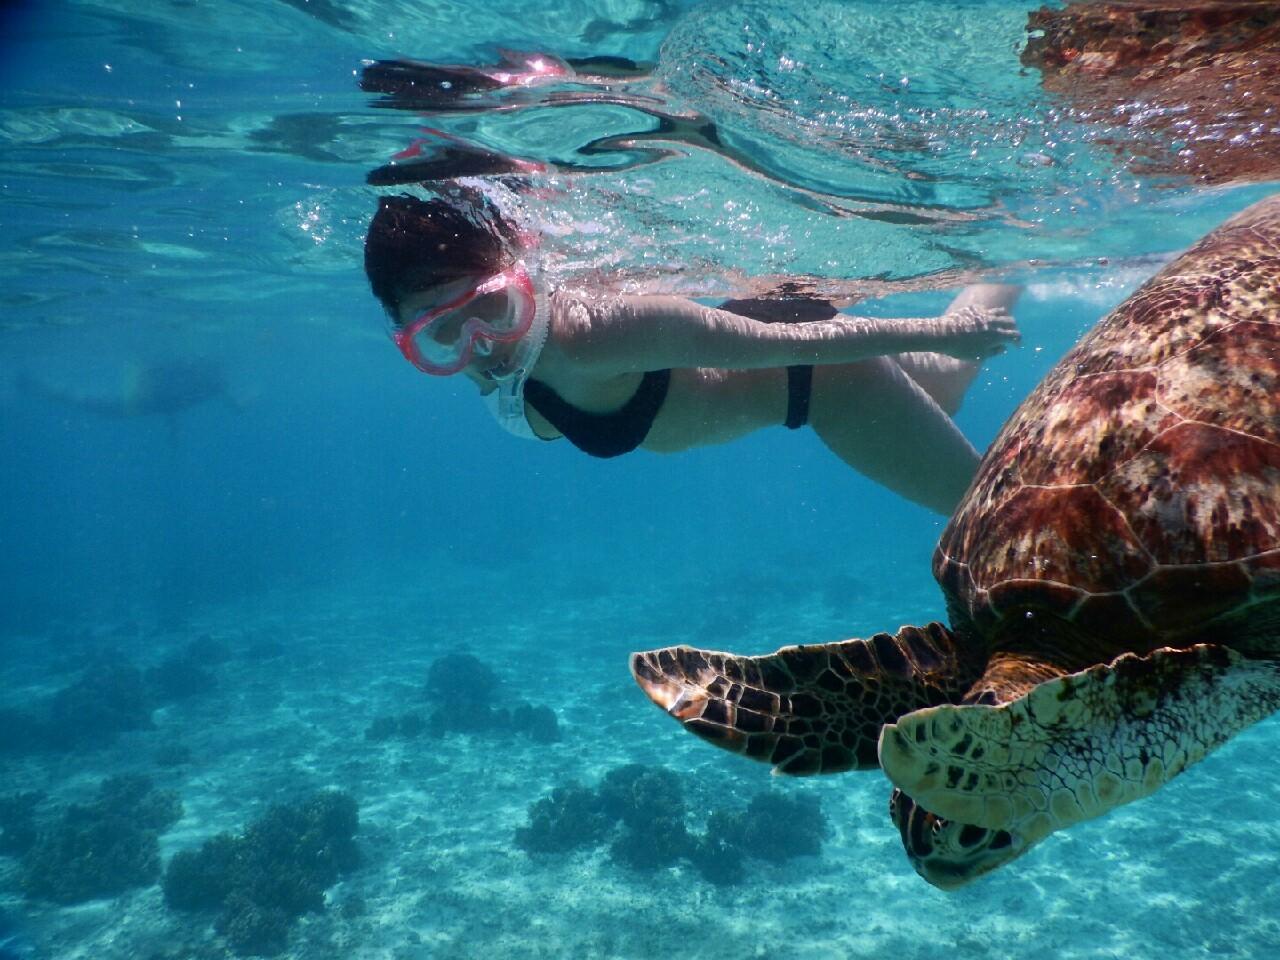 ビキニで美女がウミガメに接近